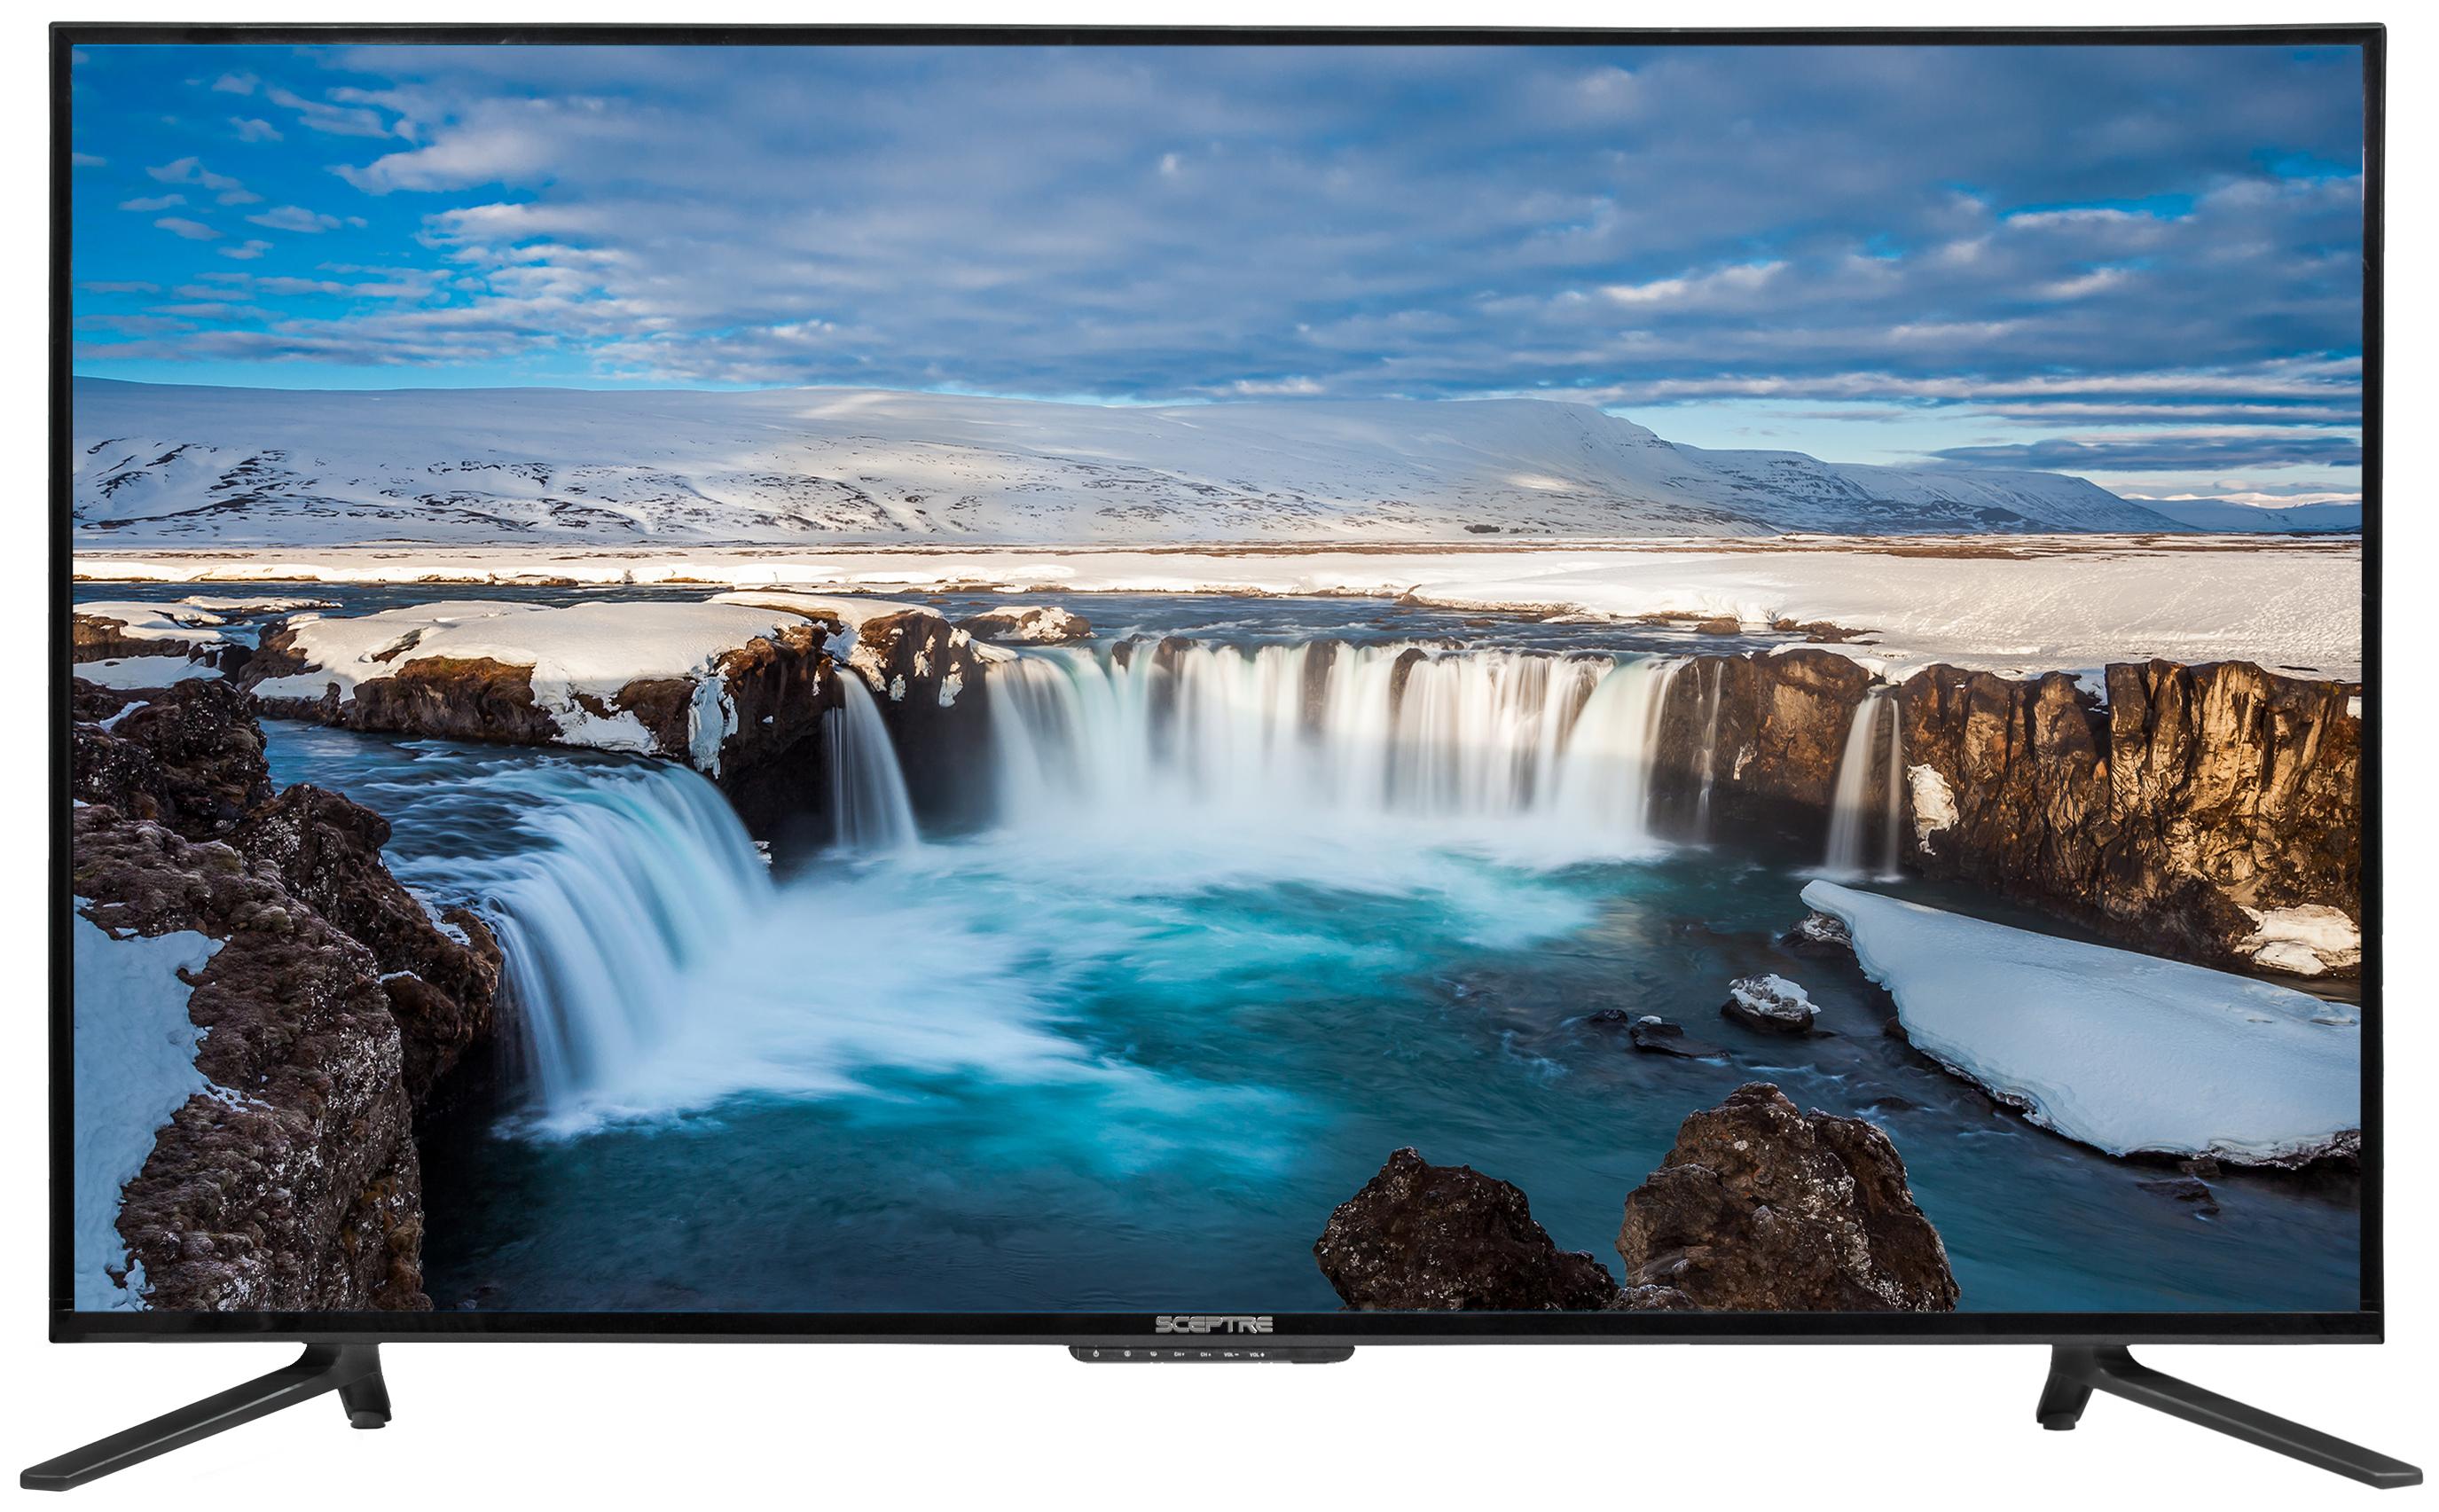 """Sceptre 55"""" Class 4K Ultra HD (2160P) LED TV (U550CV-U) $229.99"""